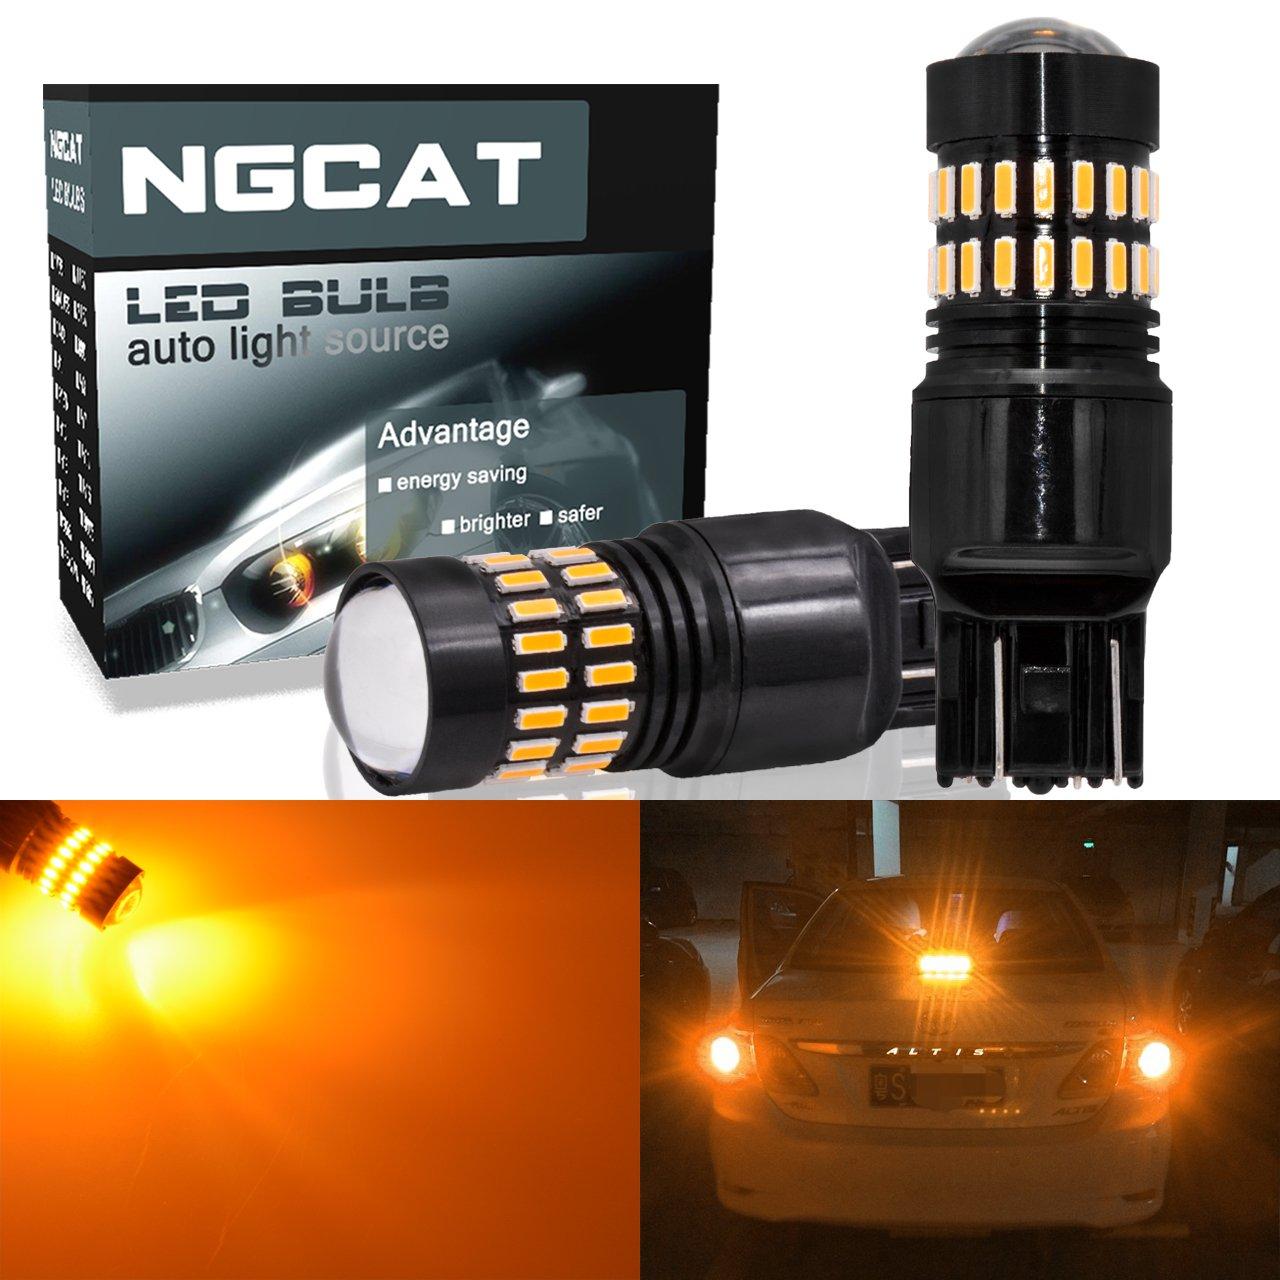 Ngcat 1200LM ambra 7443 lampadine LED molto luminoso chipset 48-smd 4014 LED T20 7444 7440 7440 NA 7441 NA 992 lampadine a LED con proiettore per luci di coda backup Reverse luci di segnalazione (confezione d